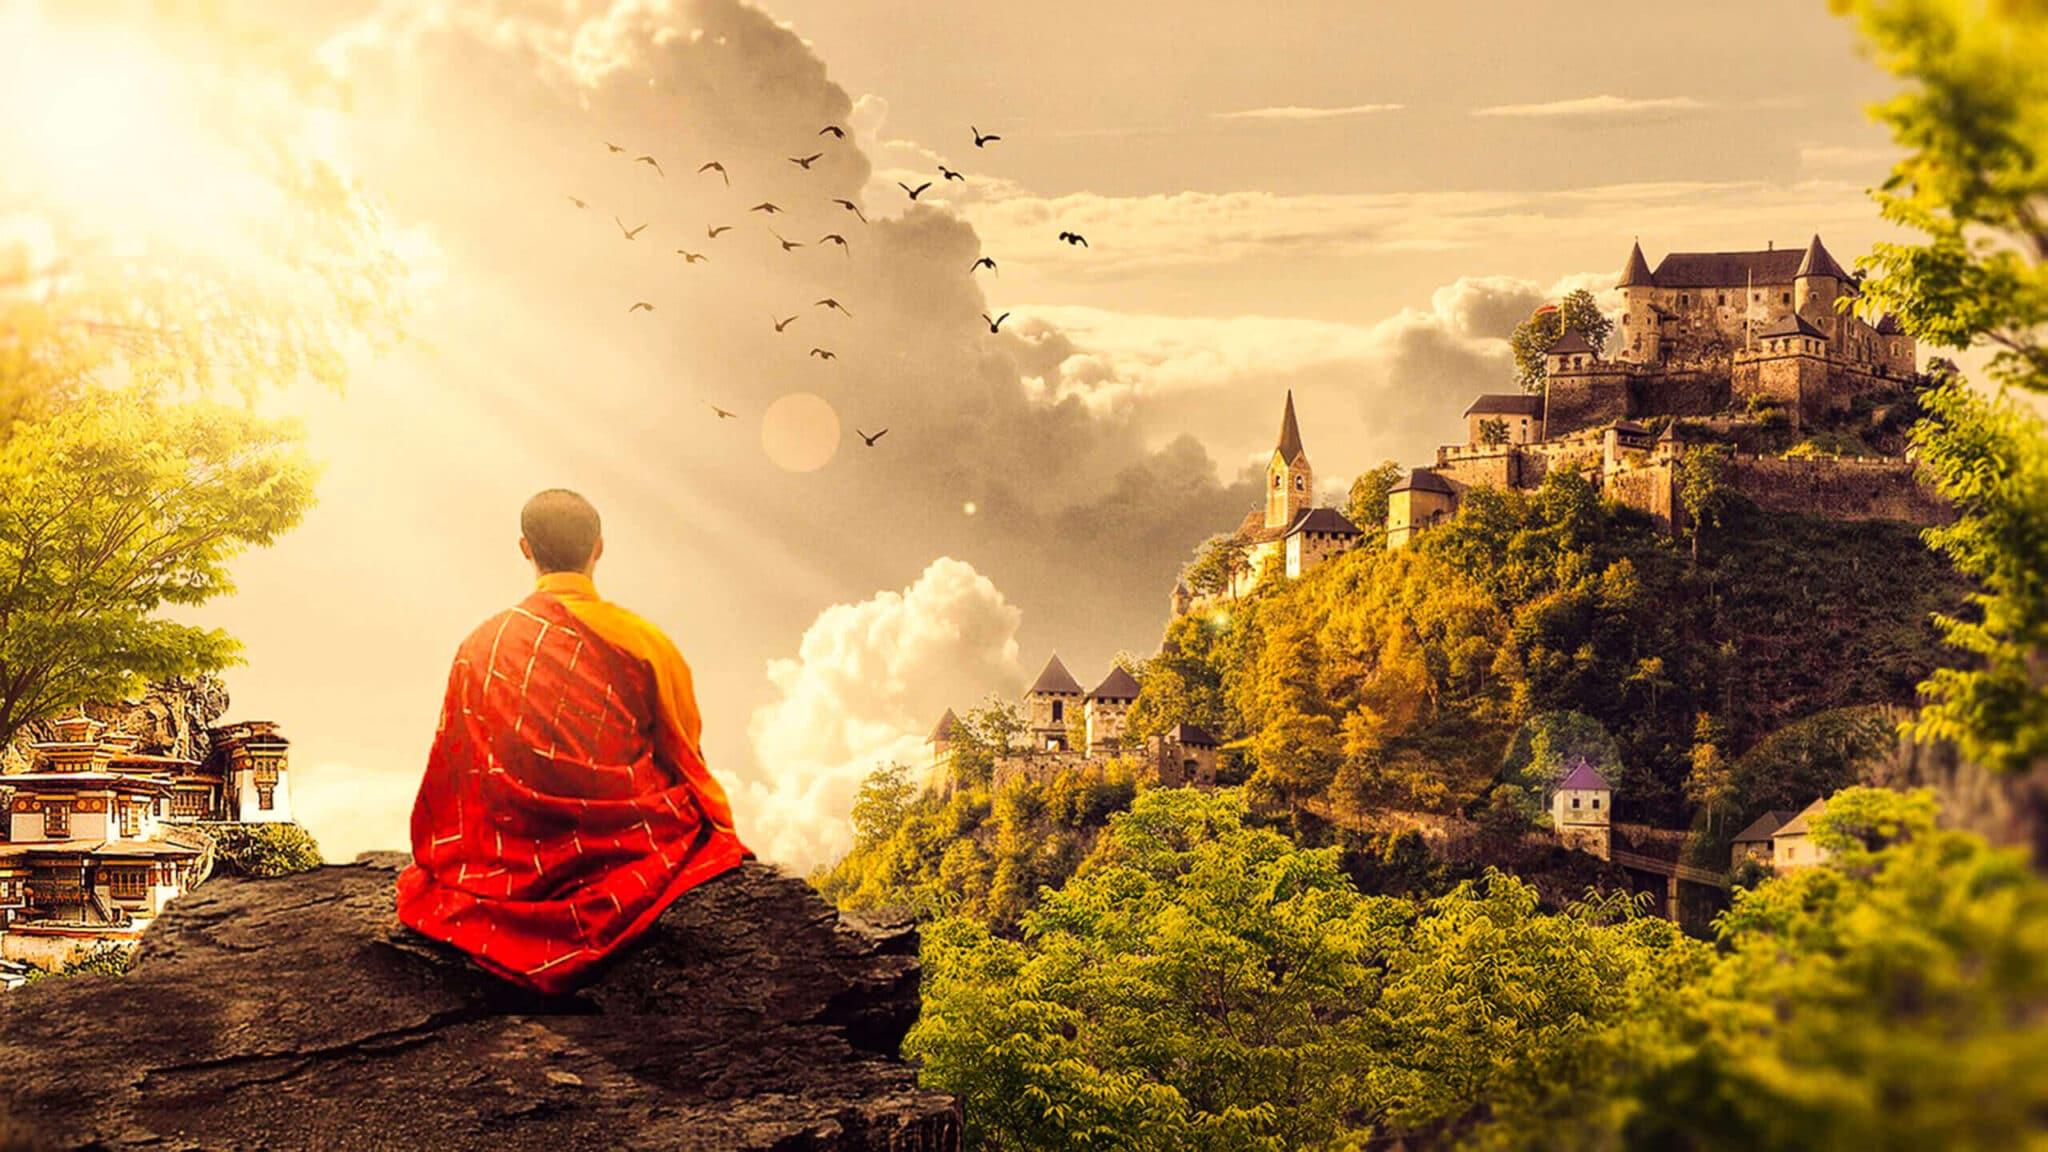 まさか般若心経にここまで引き込まれるなんて……。イケメンすぎる僧侶「キッサコ 」のライブが異世界すぎる《現代仏教》